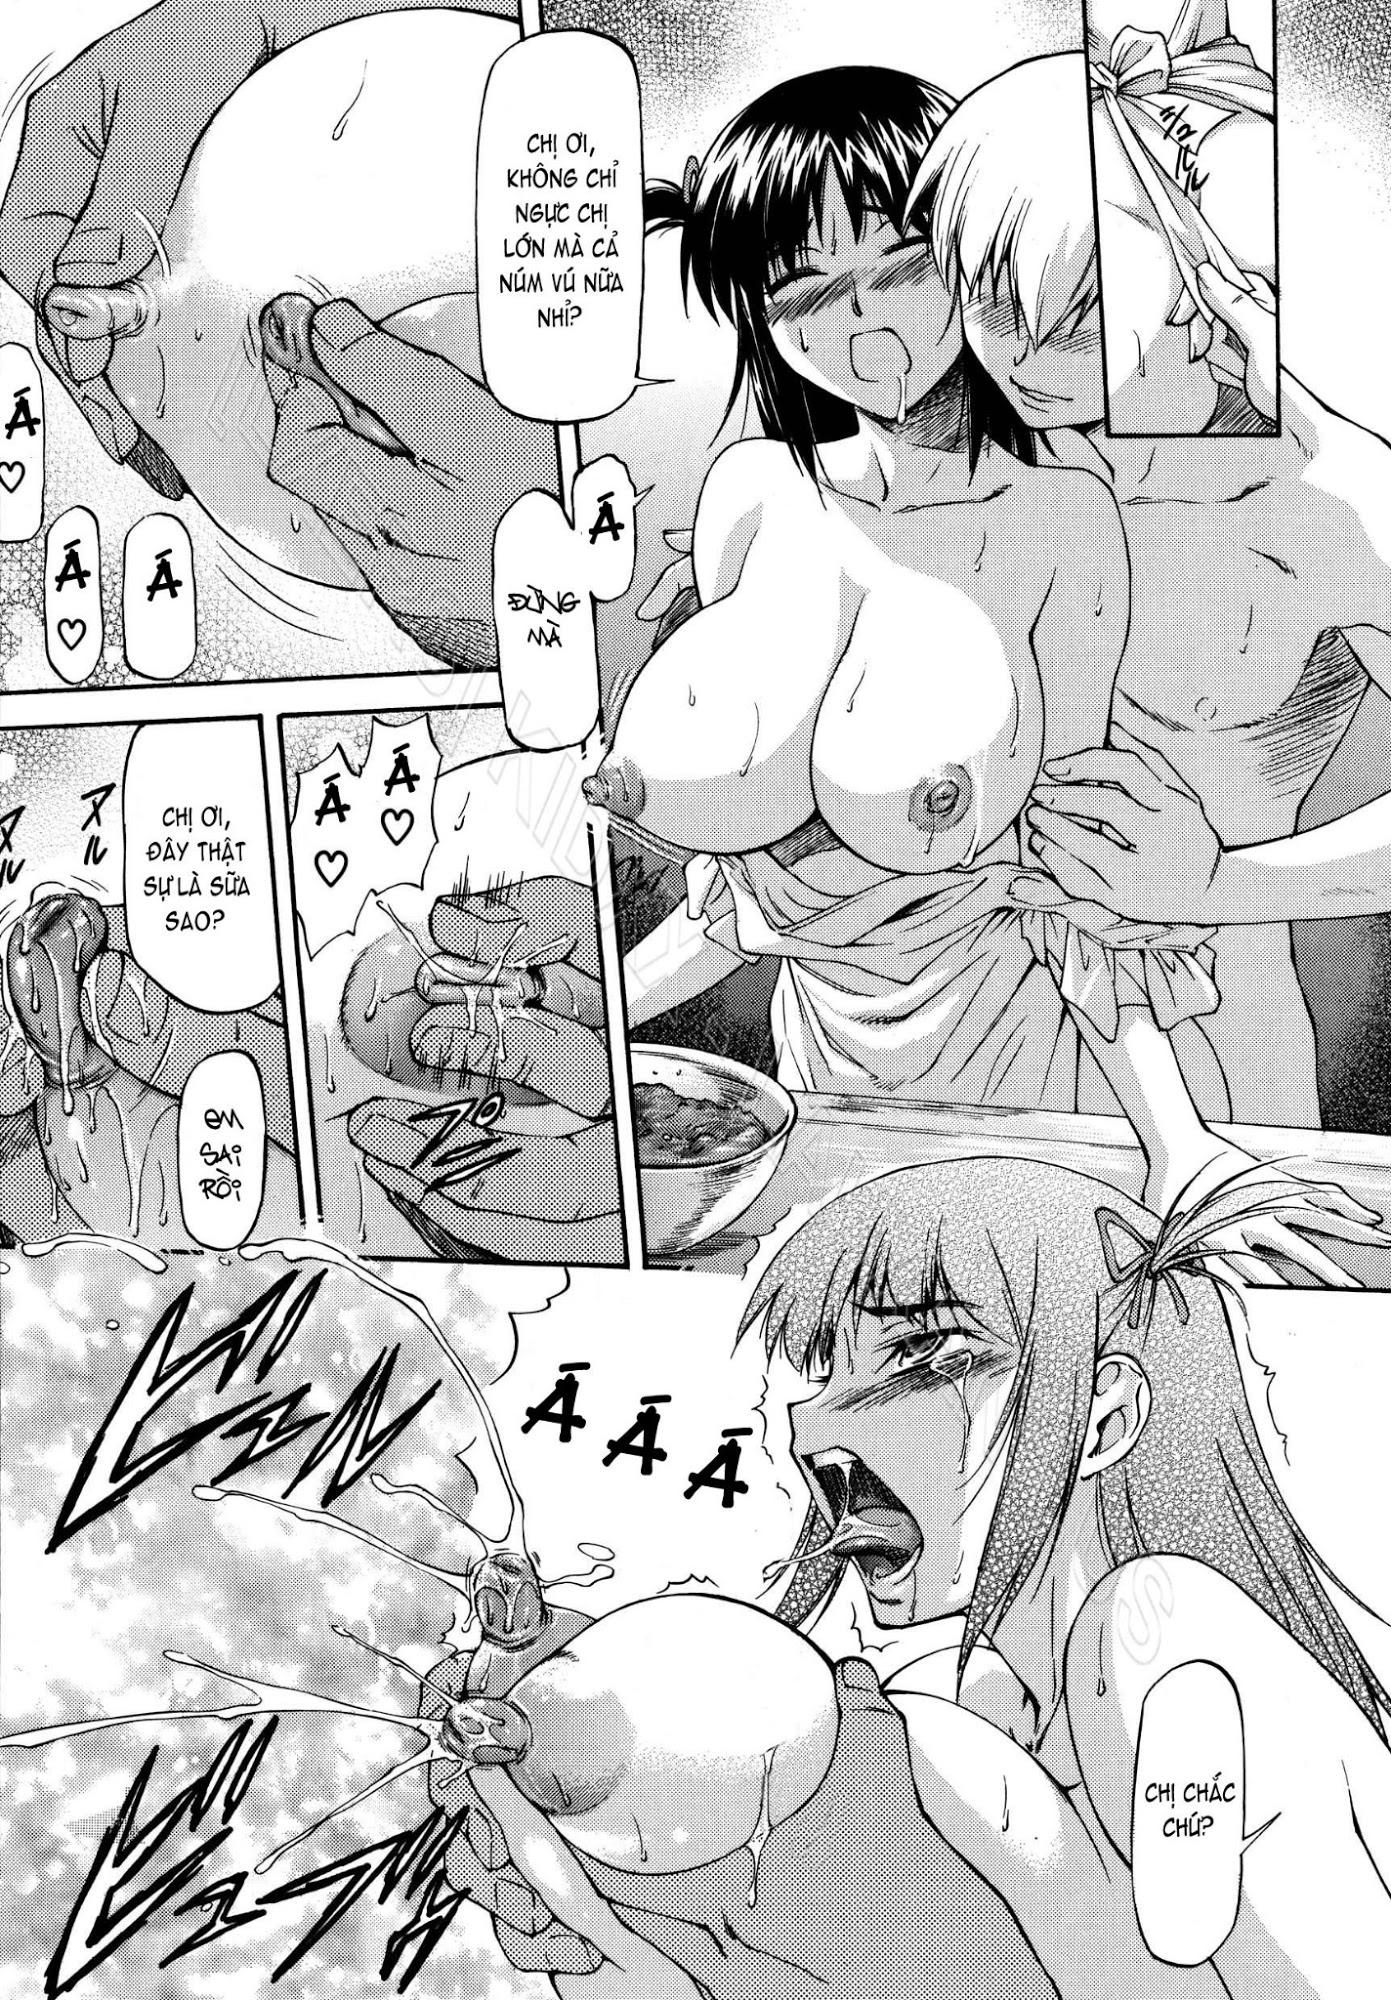 Hình ảnh Hinh_012 in Truyện tranh hentai không che: Parabellum